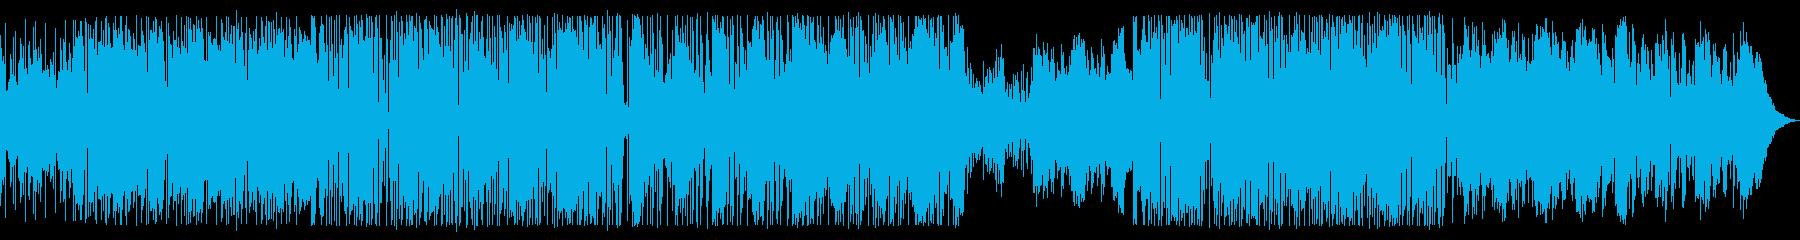 ファンク・インストゥルメンタル。フ...の再生済みの波形